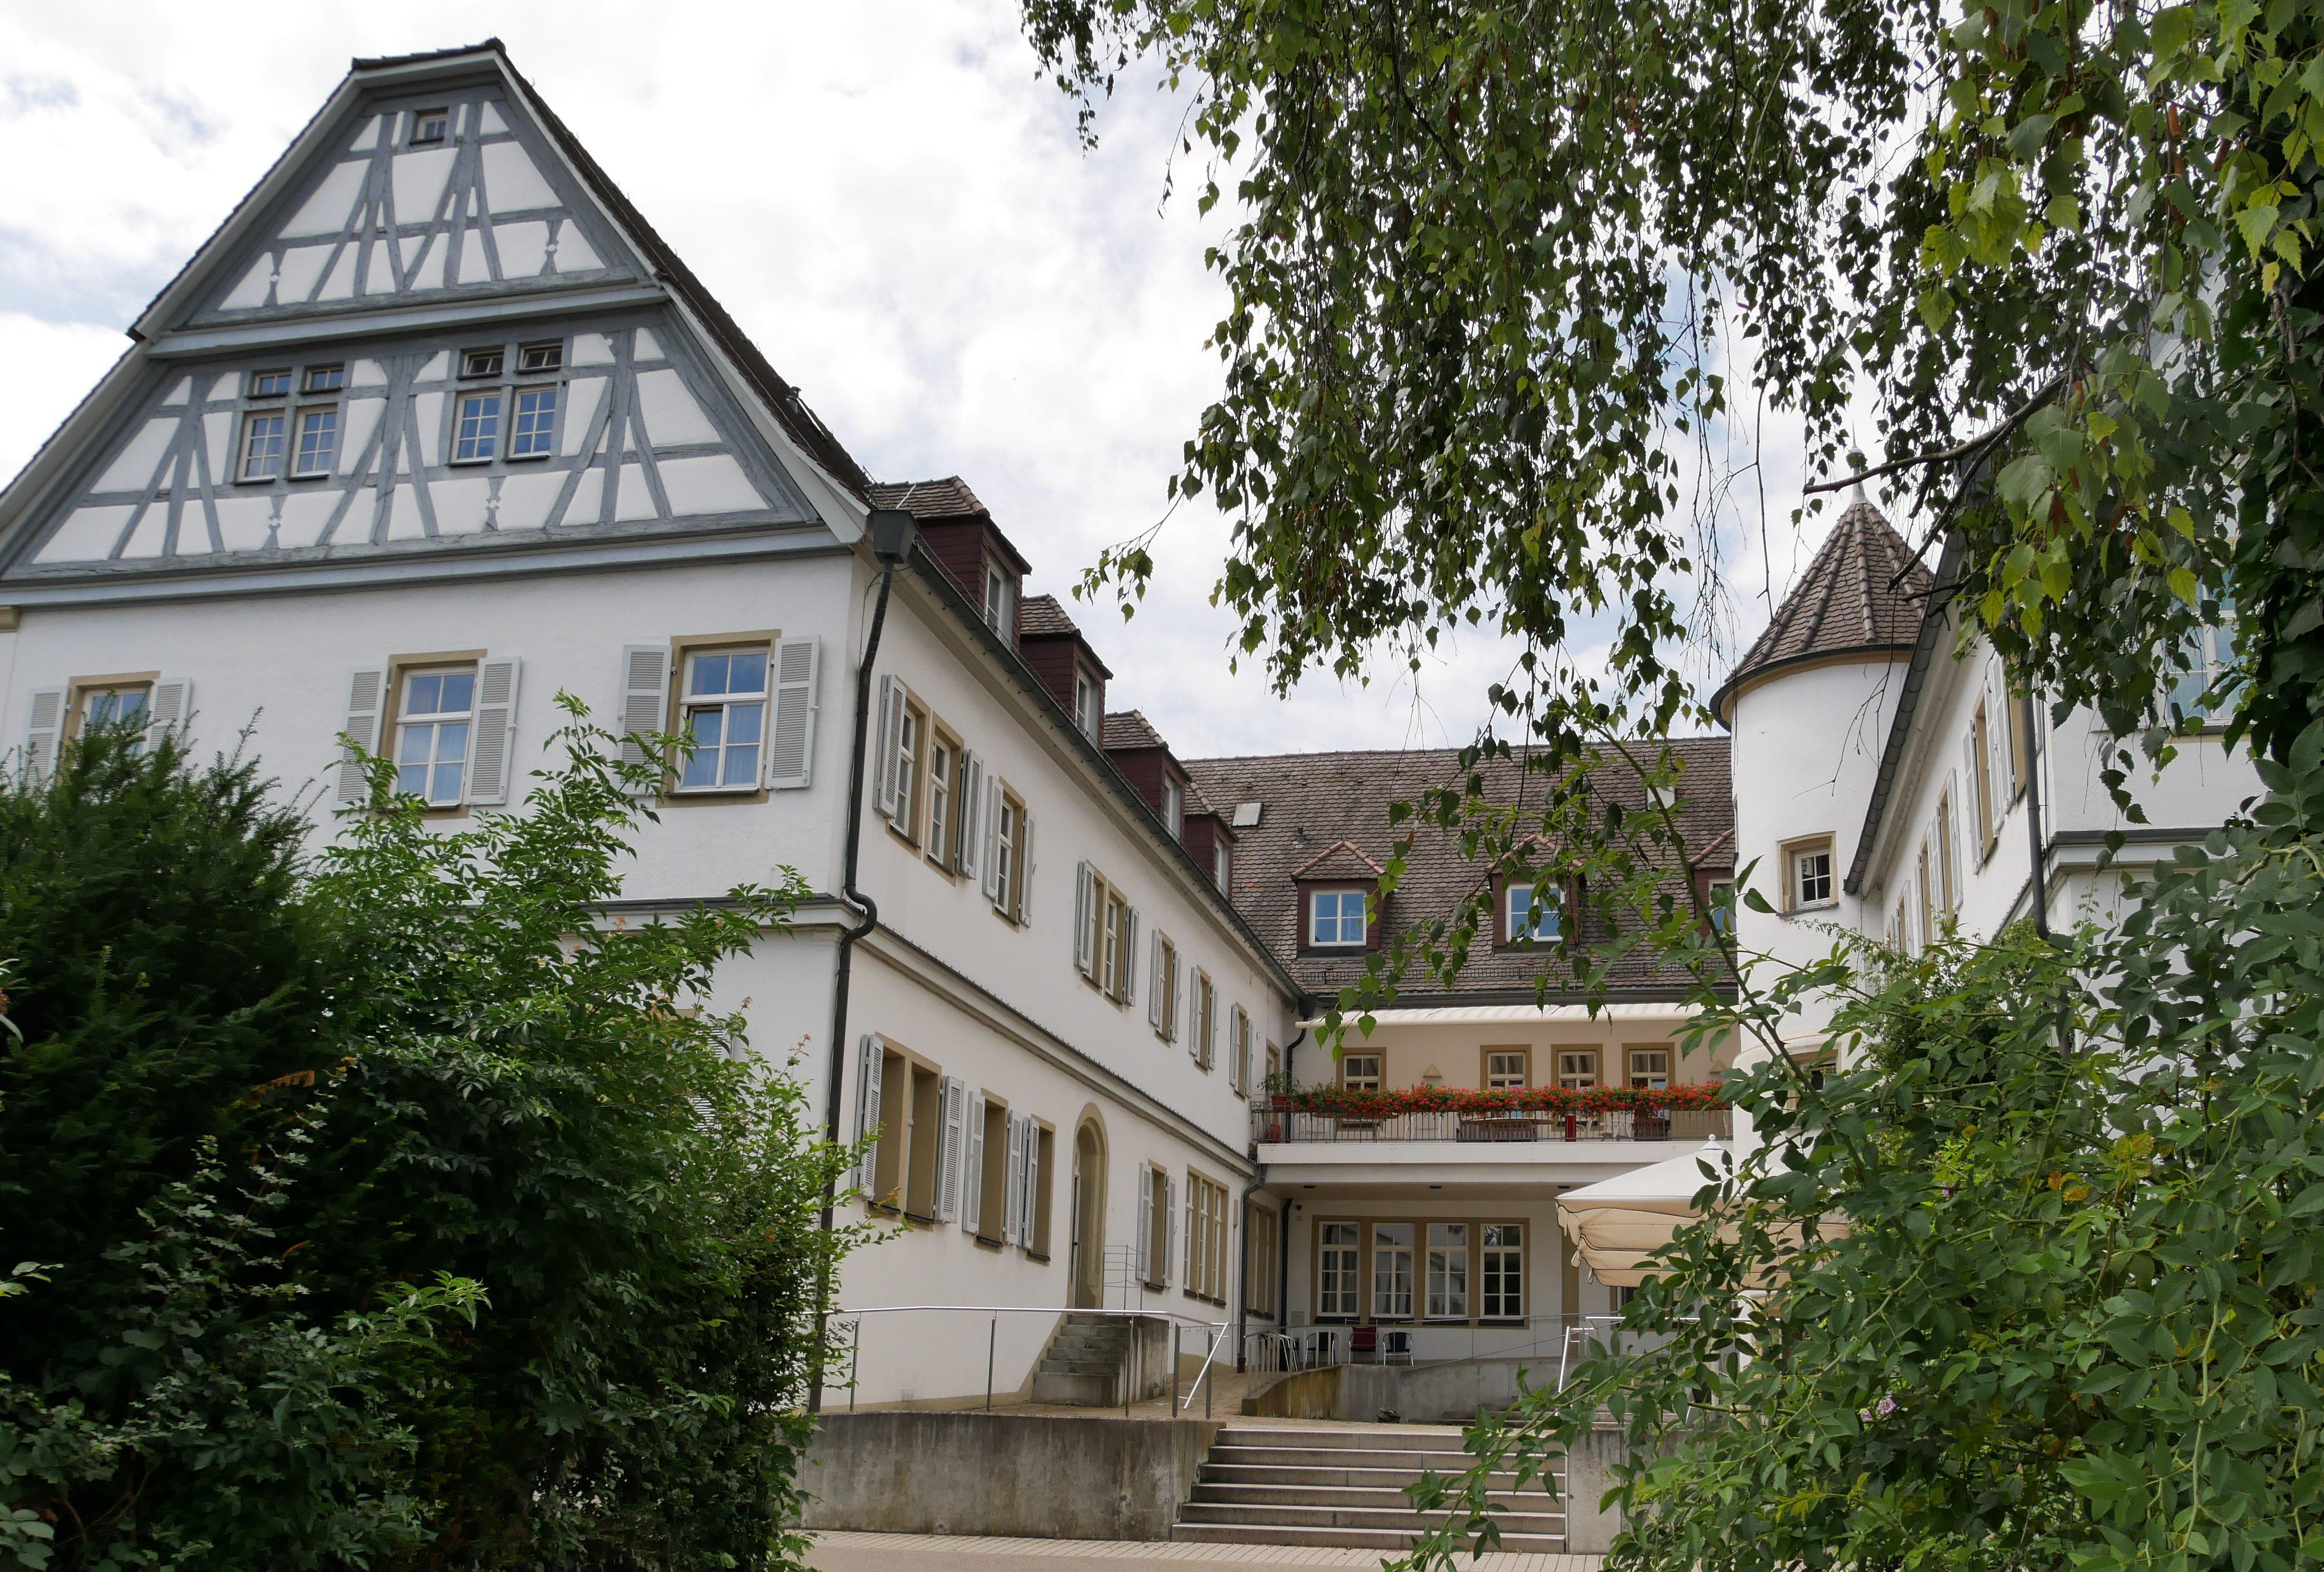 Das Alte Schloss Stammheim aus dem 16. Jahrhundert ist heute ein Alten- und Pflegeheim. Foto: Uwe Roth